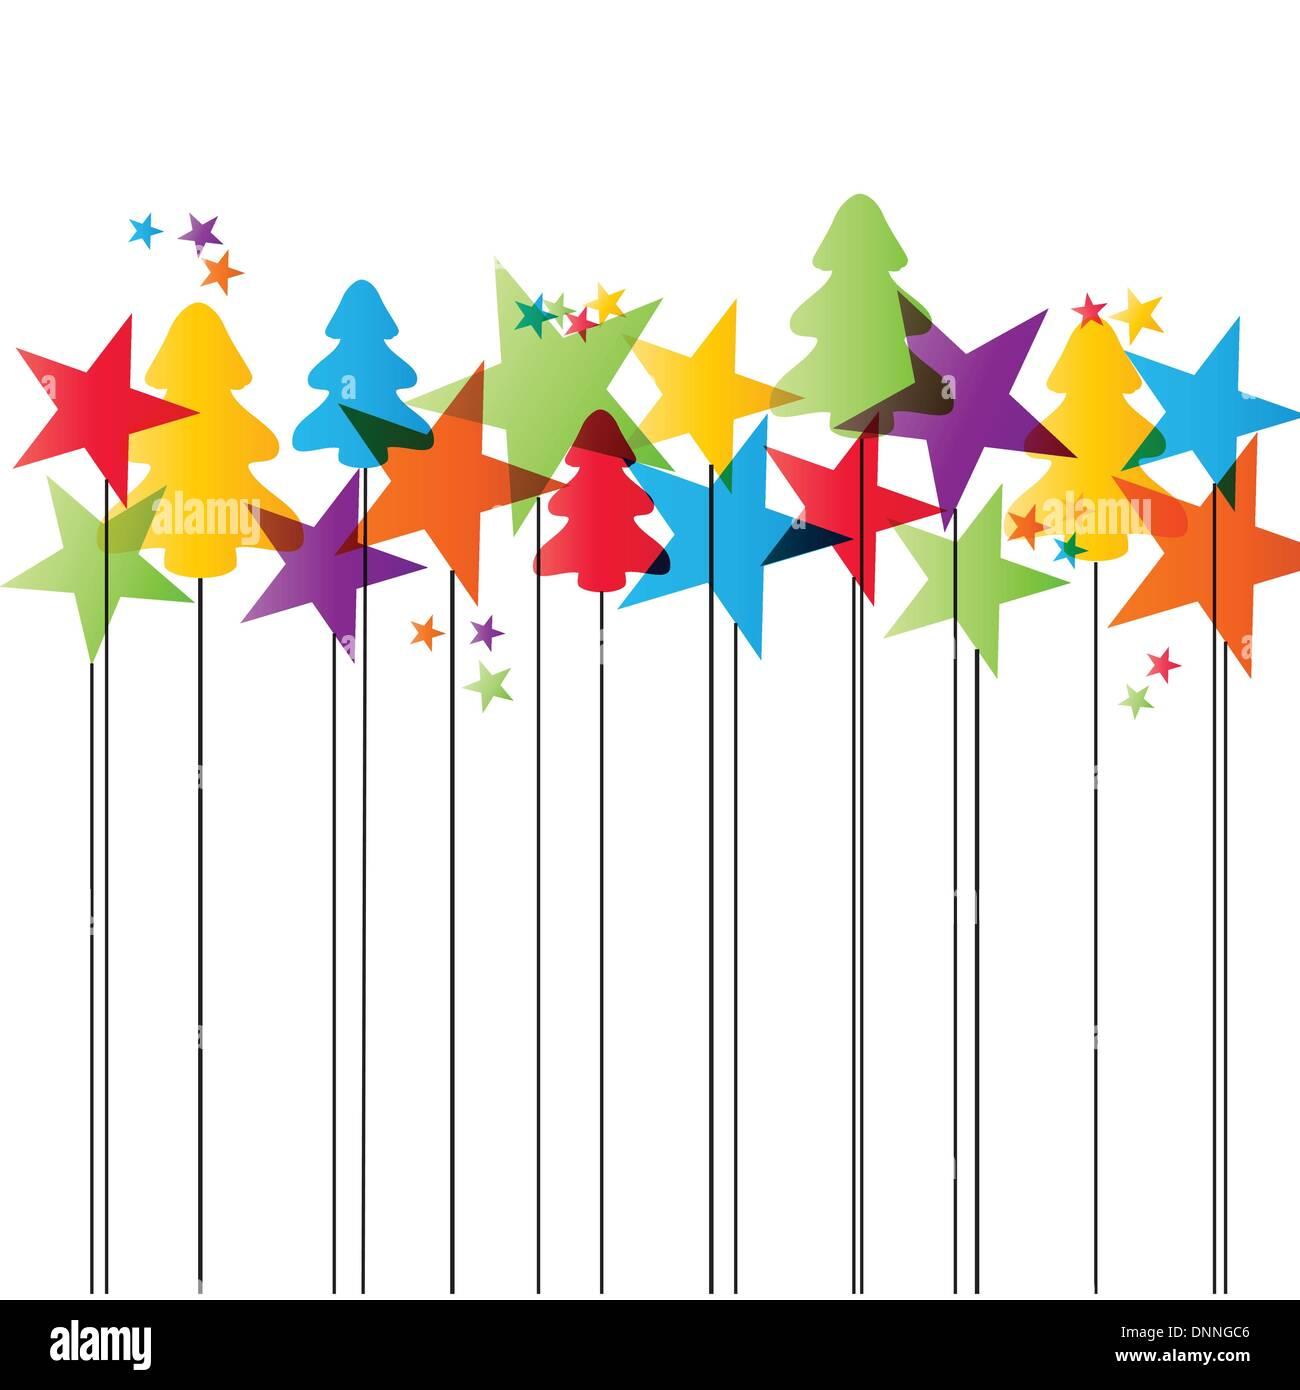 Simple Christmas Card Stock Photos & Simple Christmas Card Stock ...